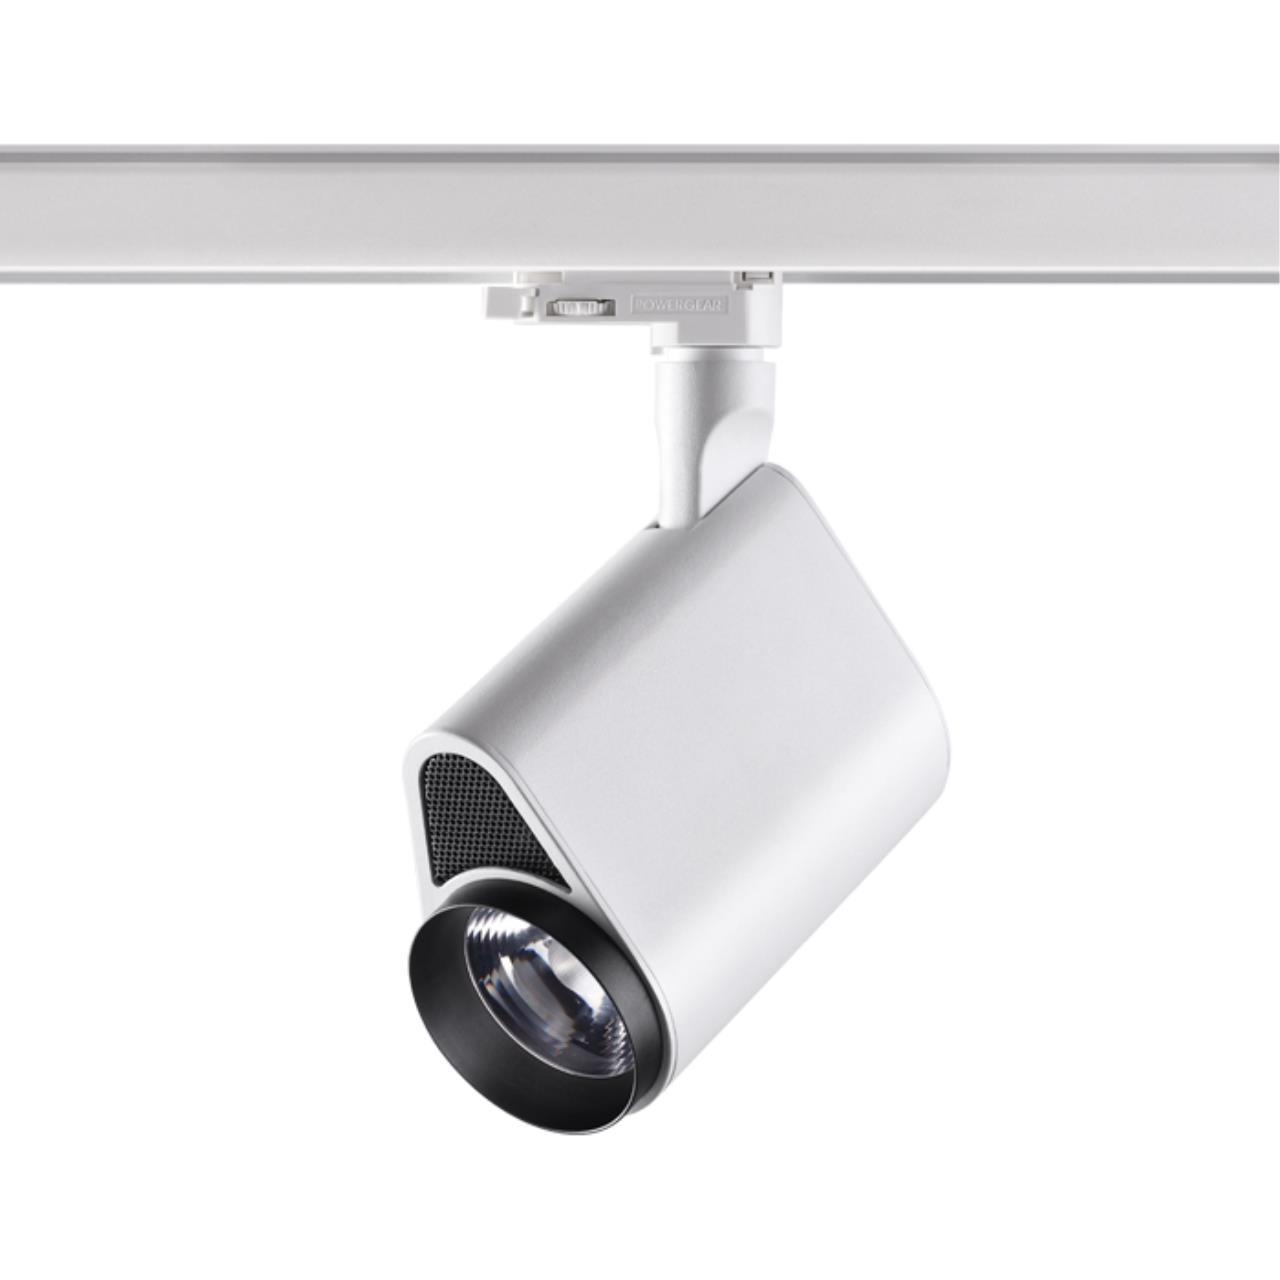 358178 PORT NT19 019 белый/черный Трехфазный трековый светодиодный светильник IP20 LED 4000K 20W